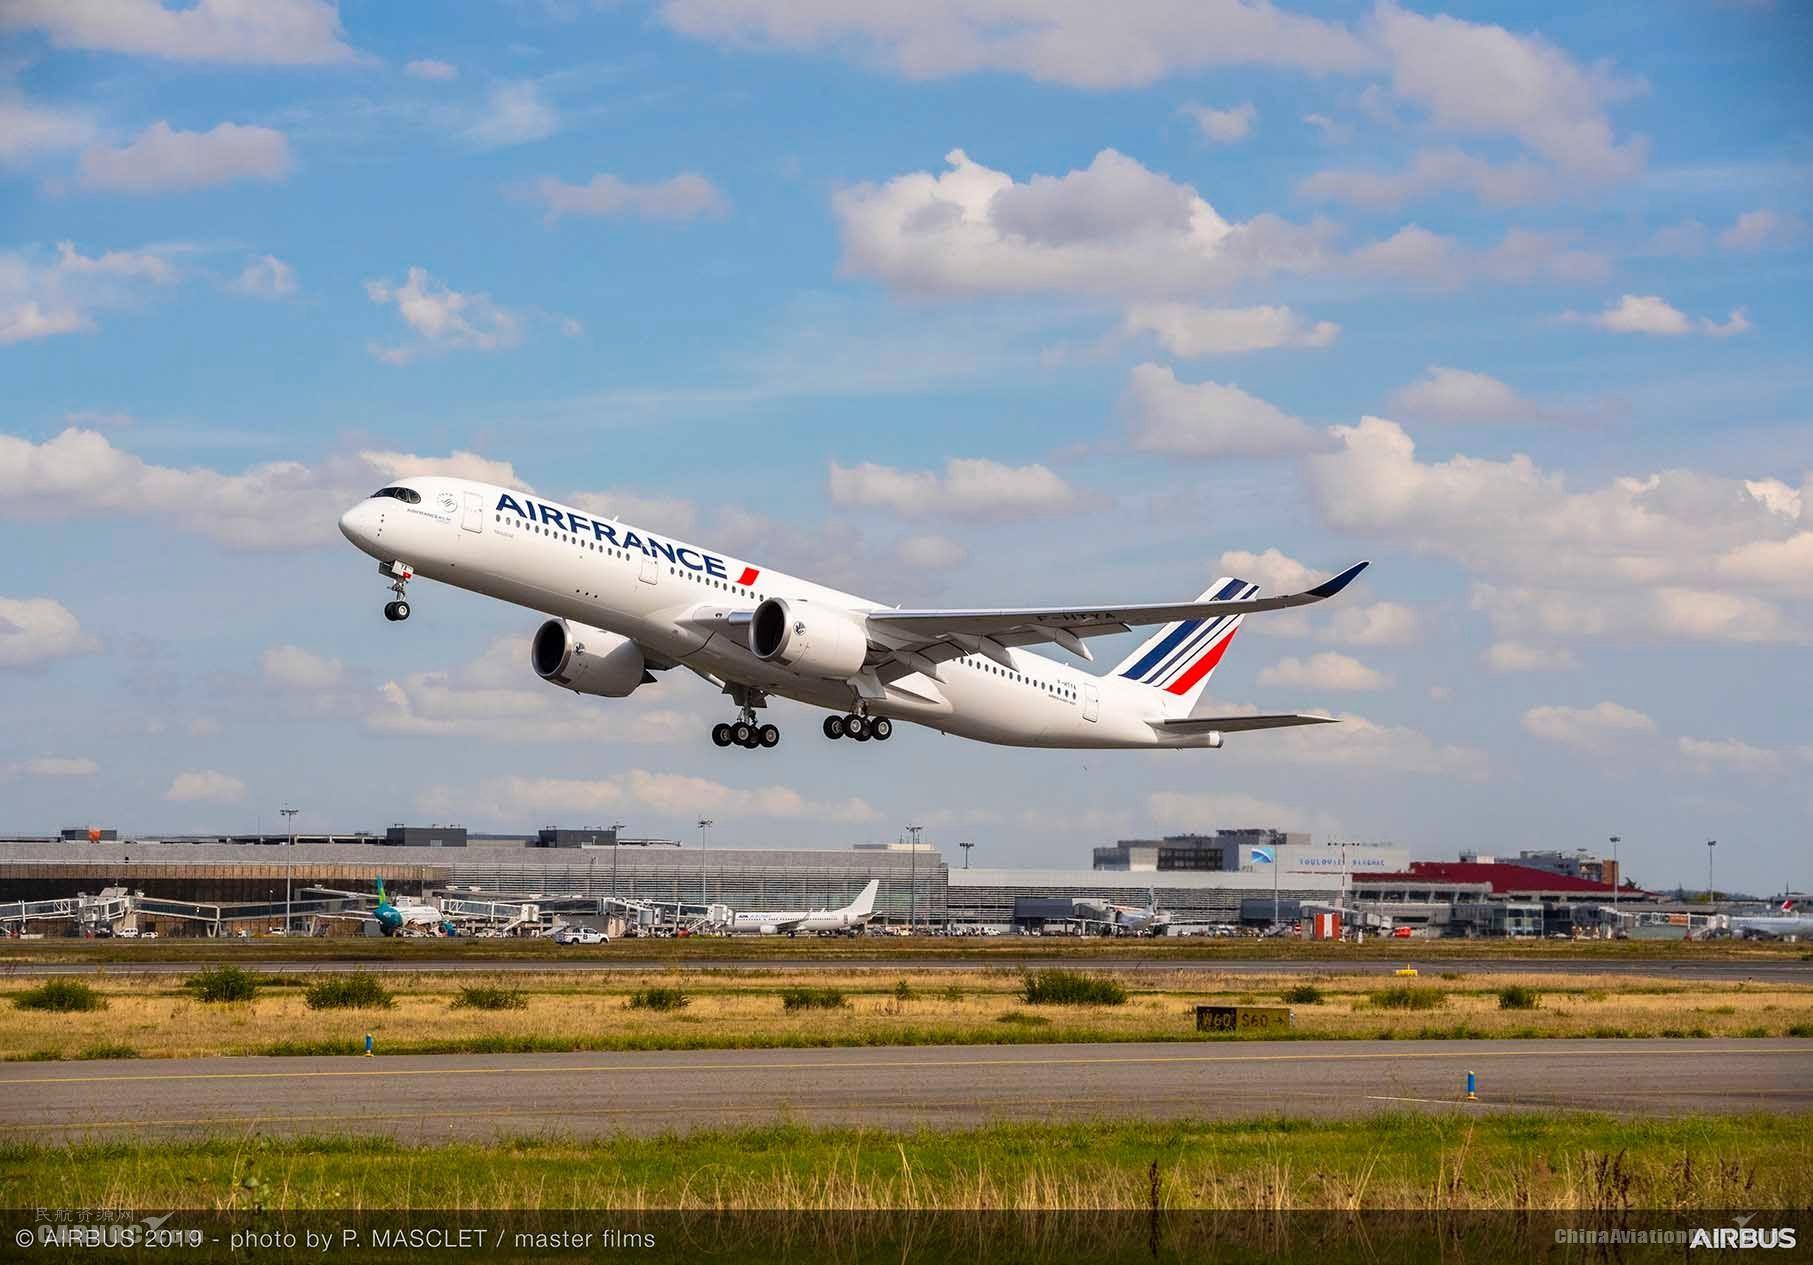 法荷航集团增购10架空客A350XWB宽体飞机